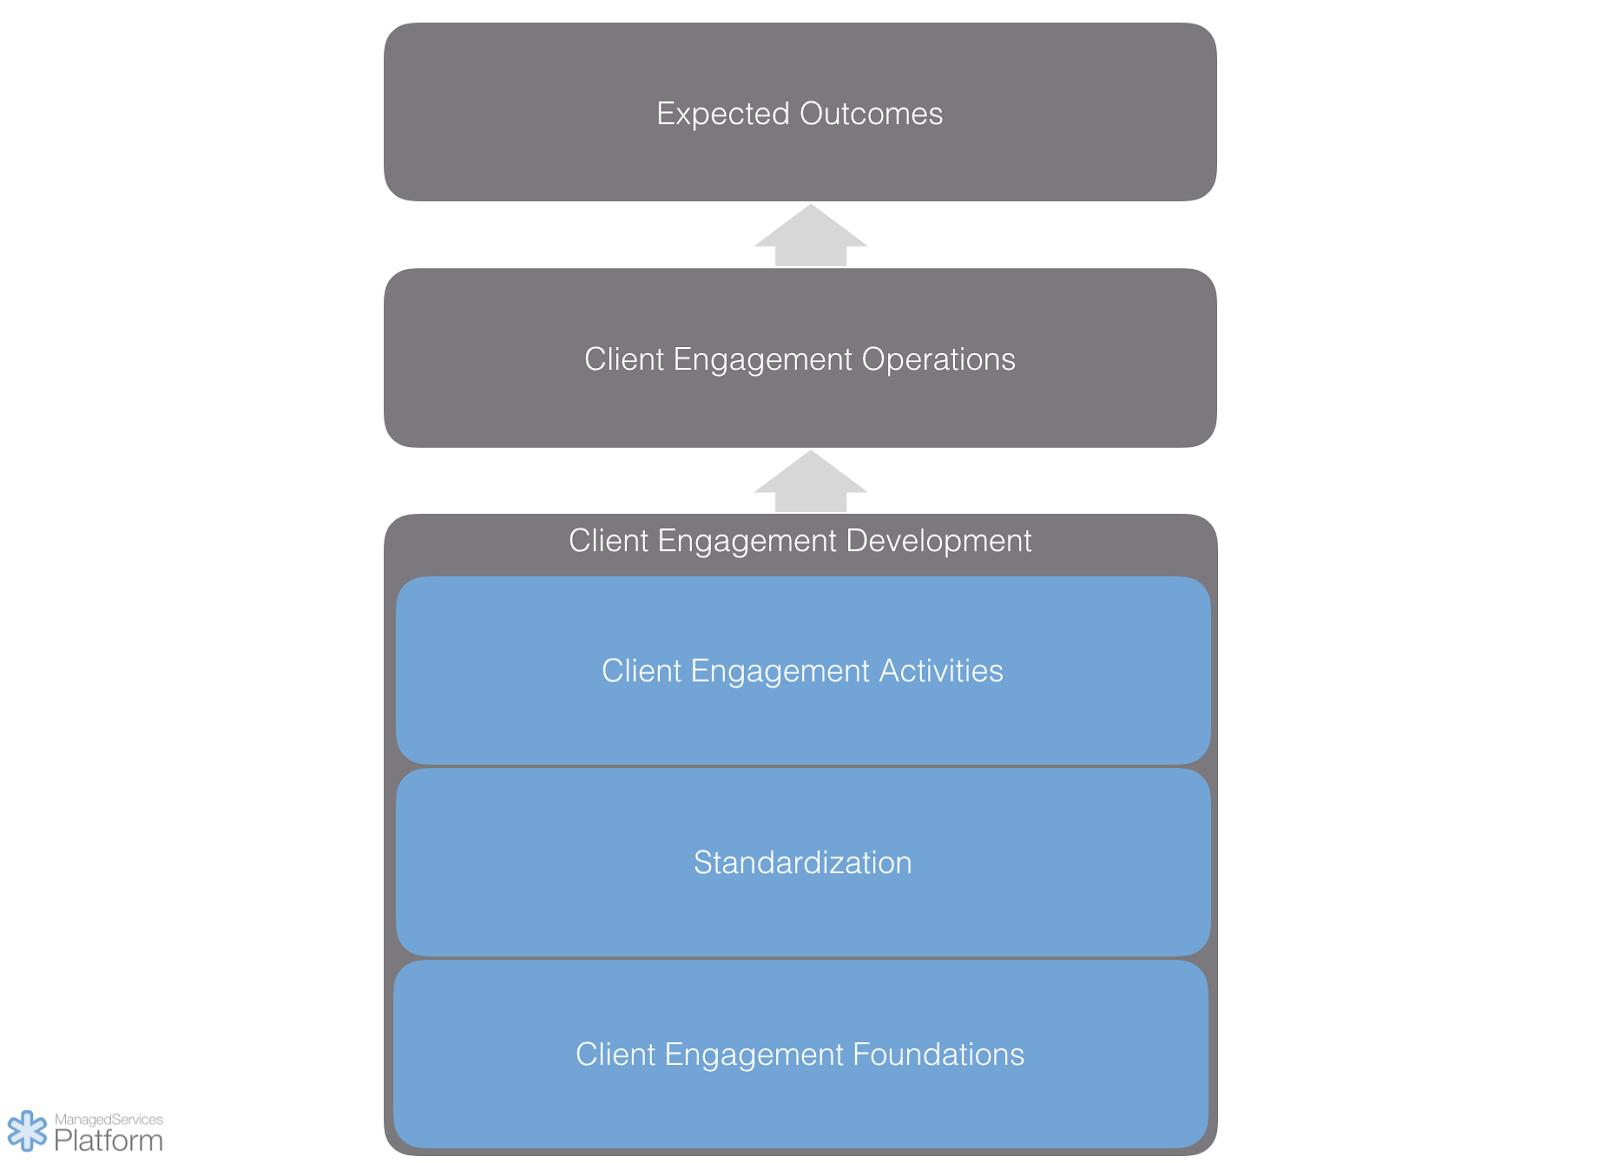 MSP client engagement development